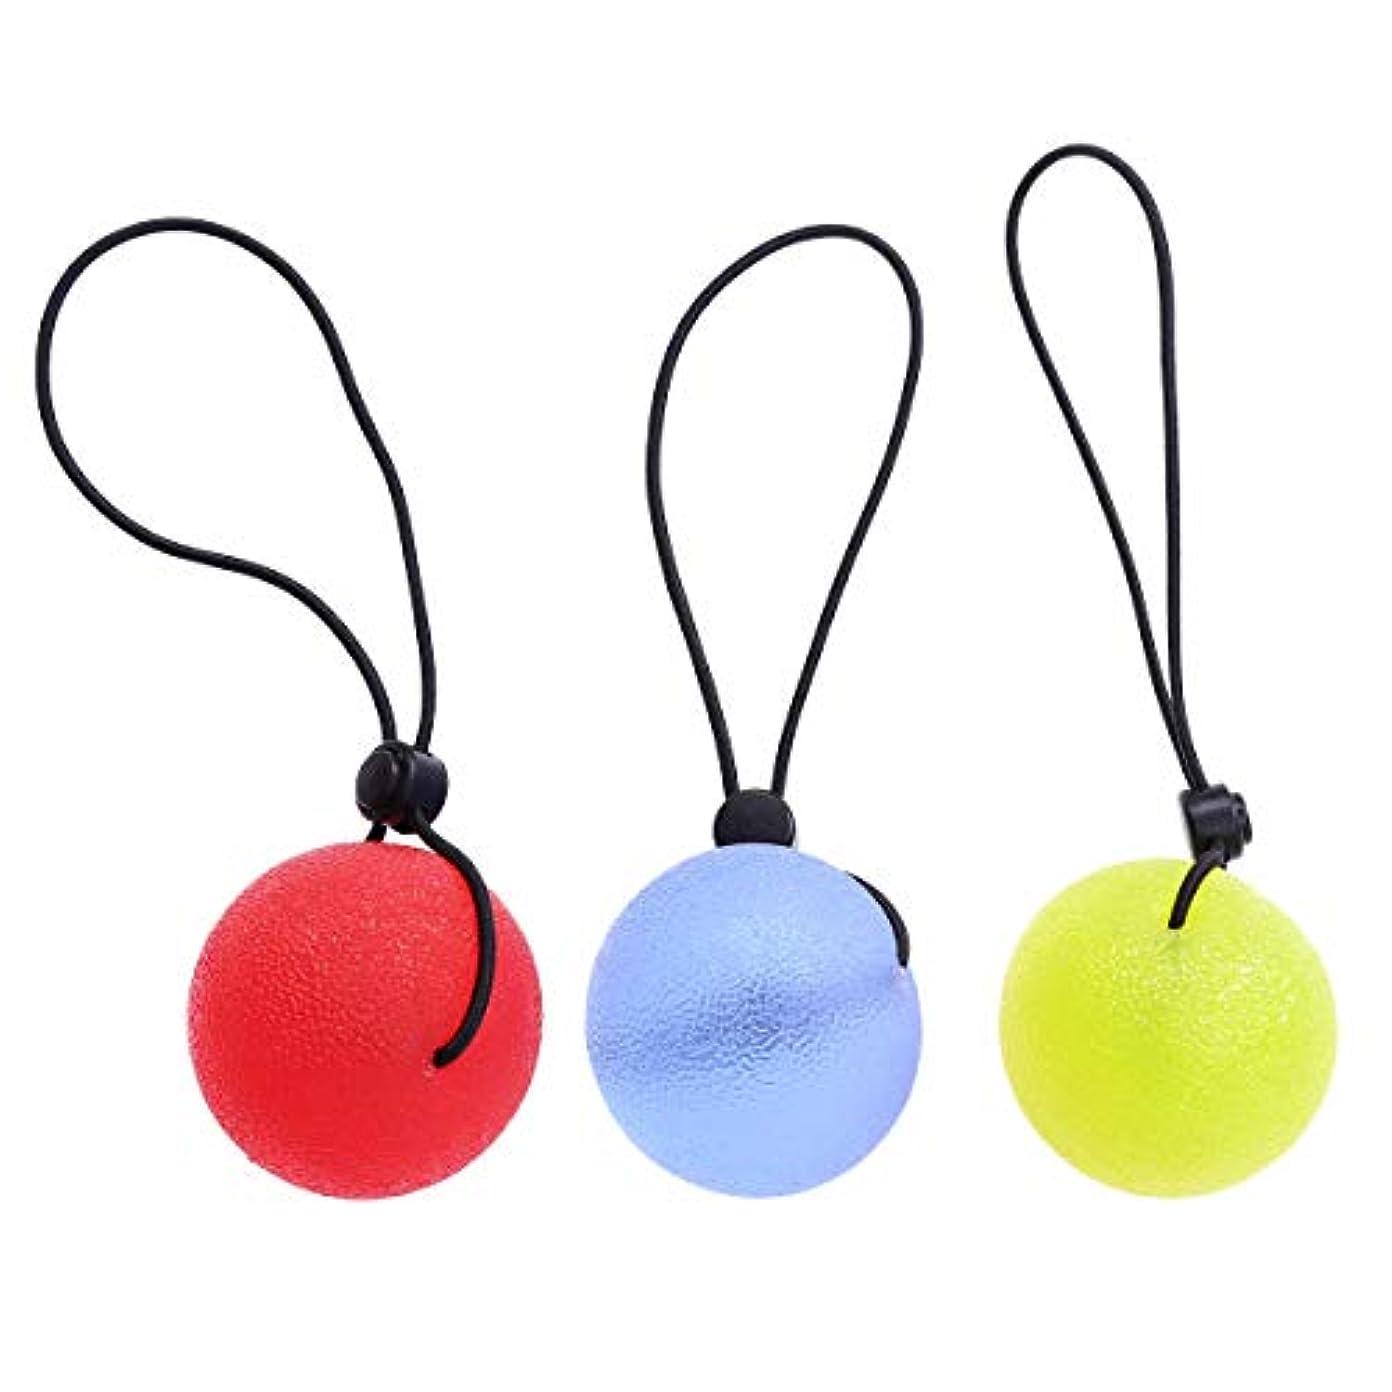 二年生遊具マウスSUPVOX 3個シリコーングリップボールハンドエクササイズボールハンドセラピー強化剤トレーナー